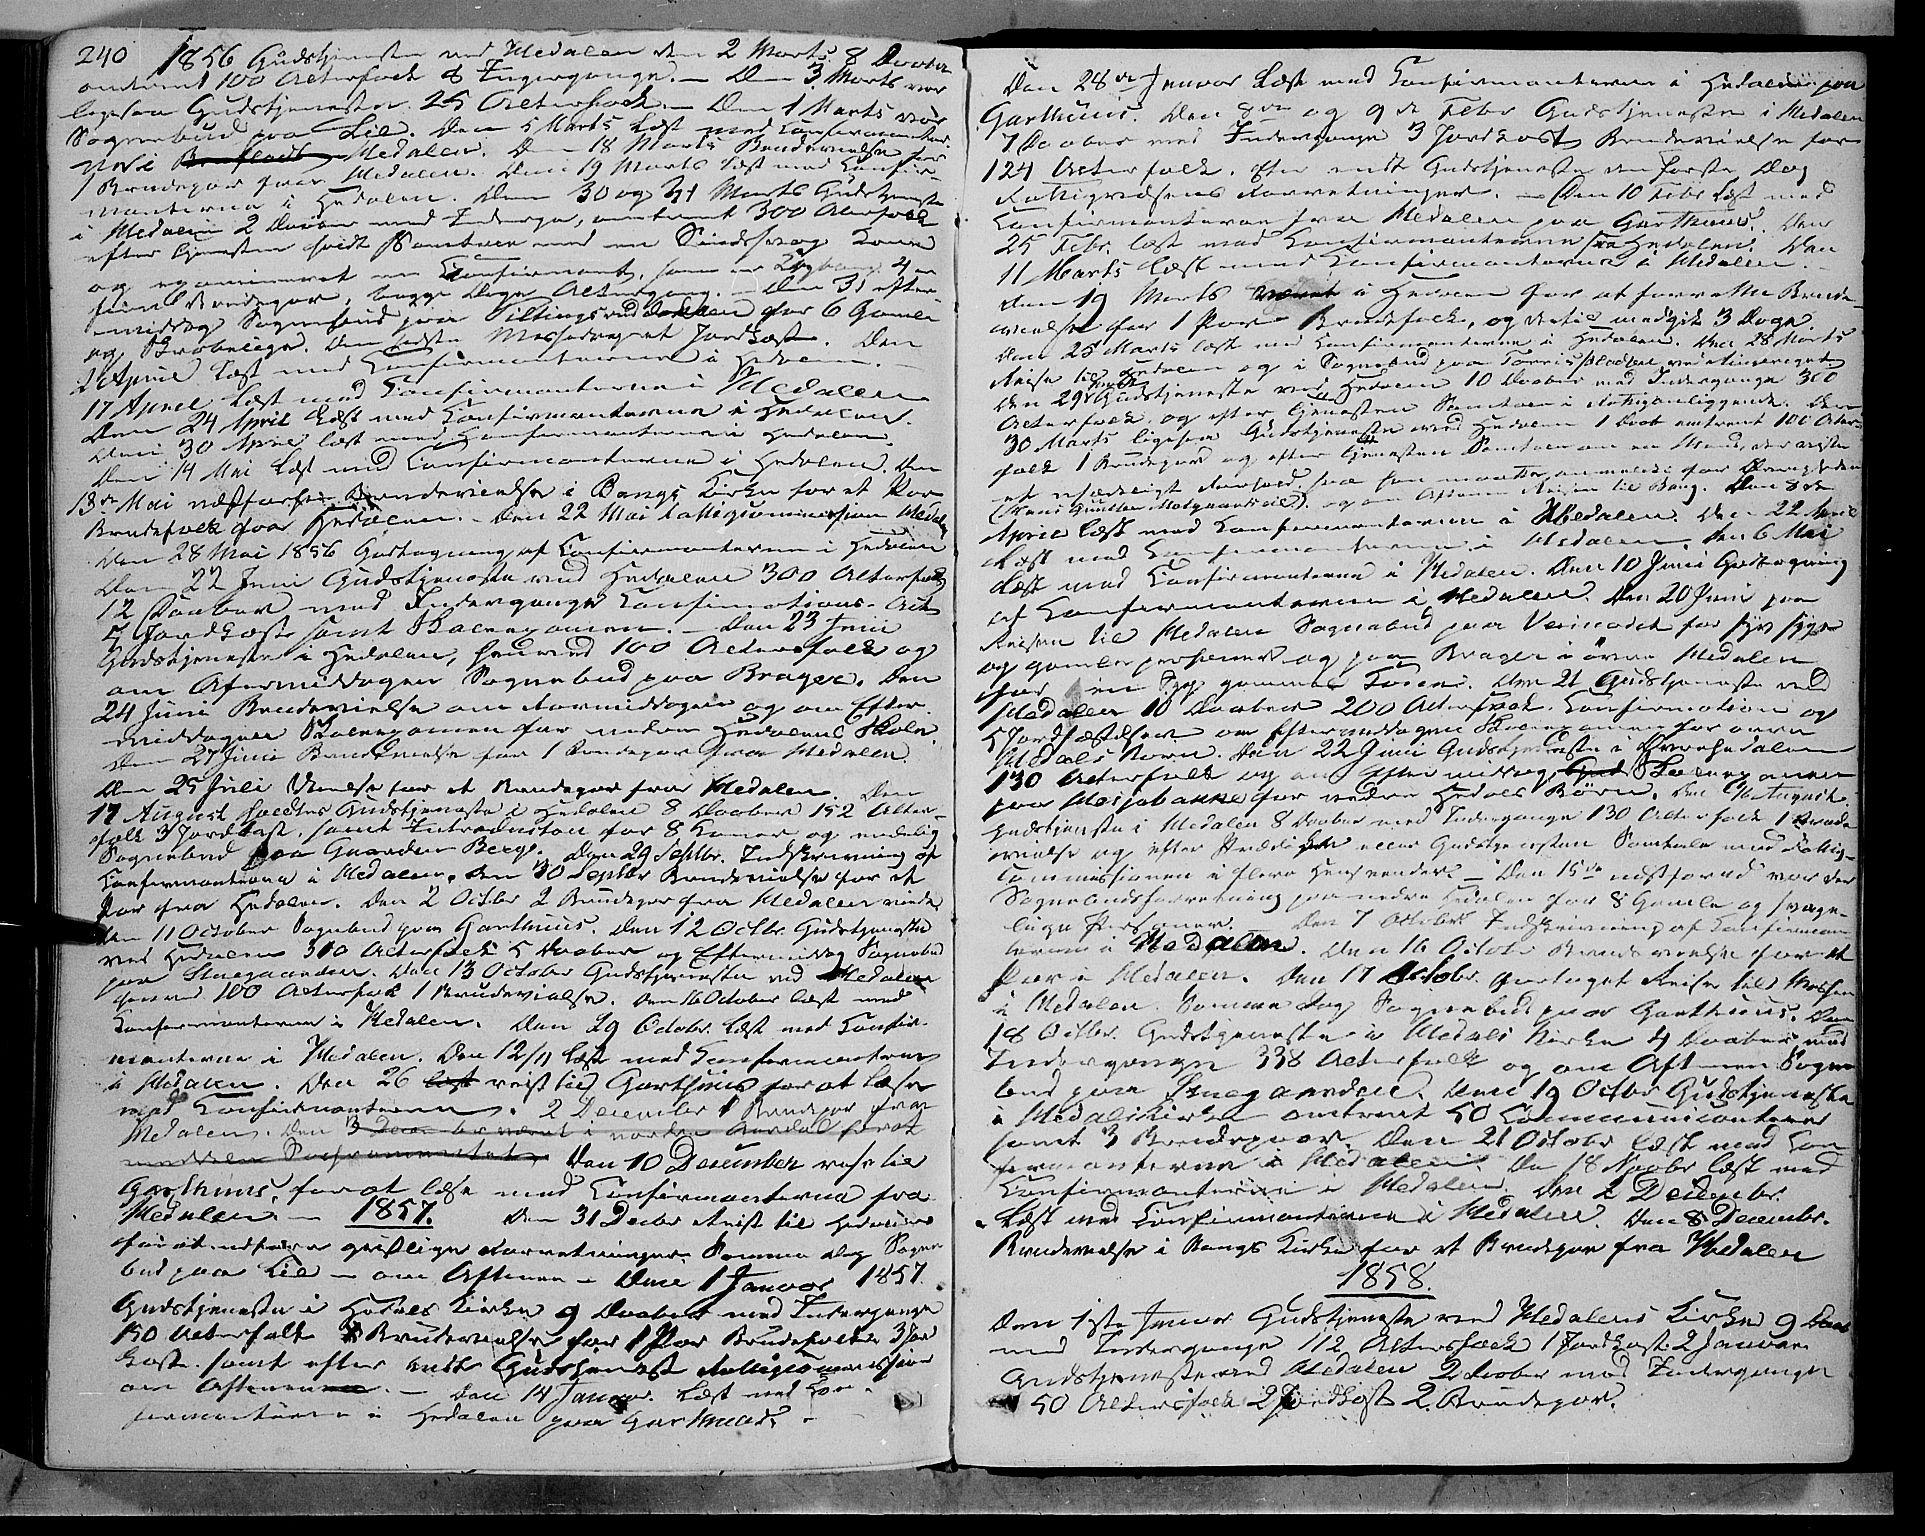 SAH, Sør-Aurdal prestekontor, Ministerialbok nr. 7, 1849-1876, s. 240